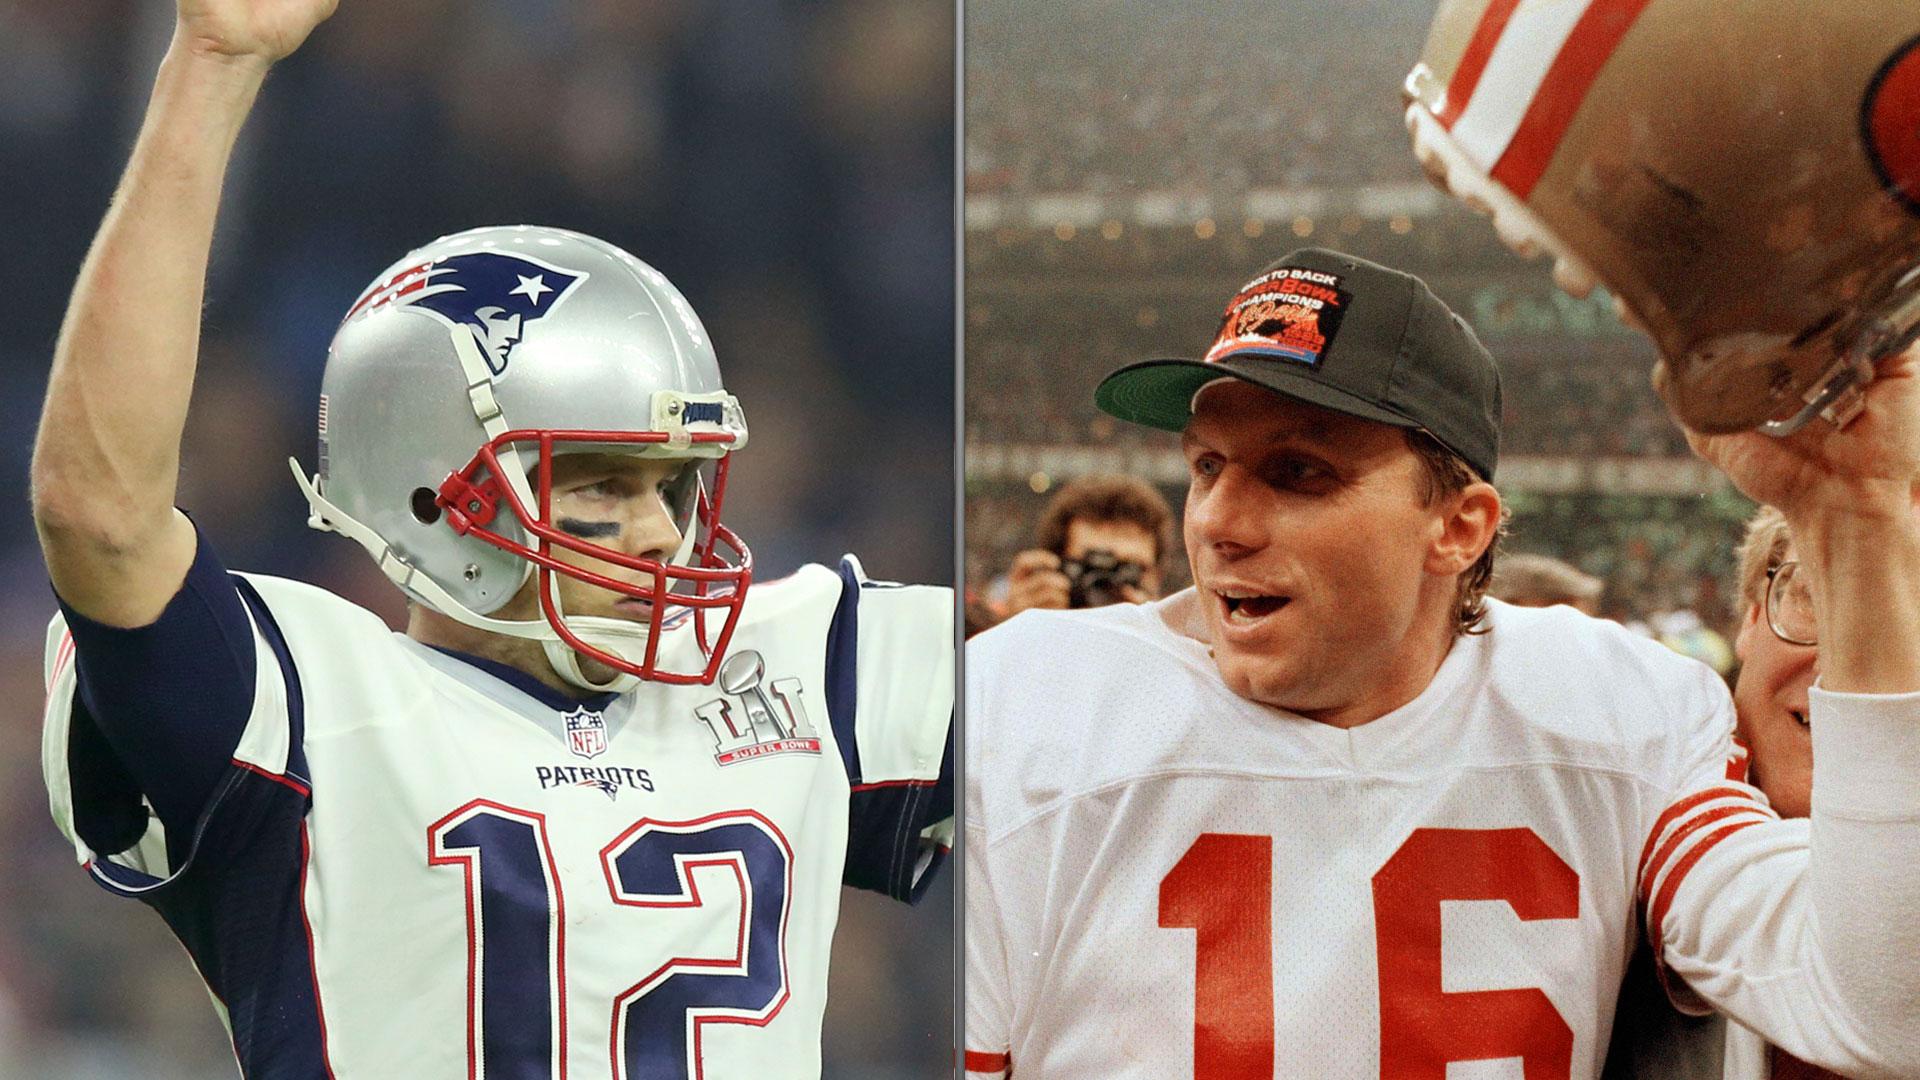 Razones que colocan a Brady por debajo de Montana